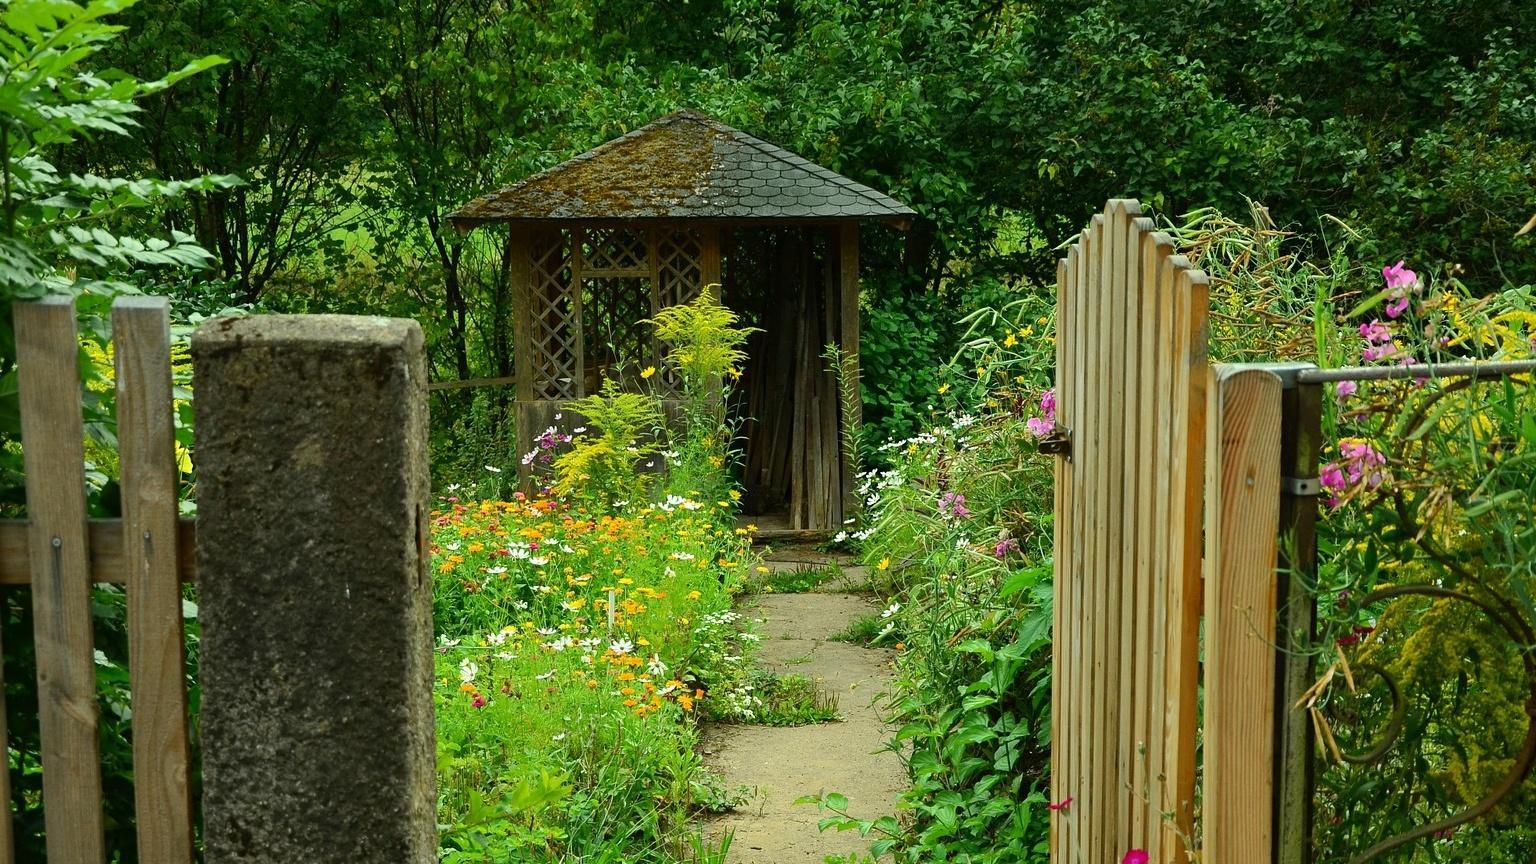 Naturgarten gestalten: Tipps, Ideen und Möglichkeiten